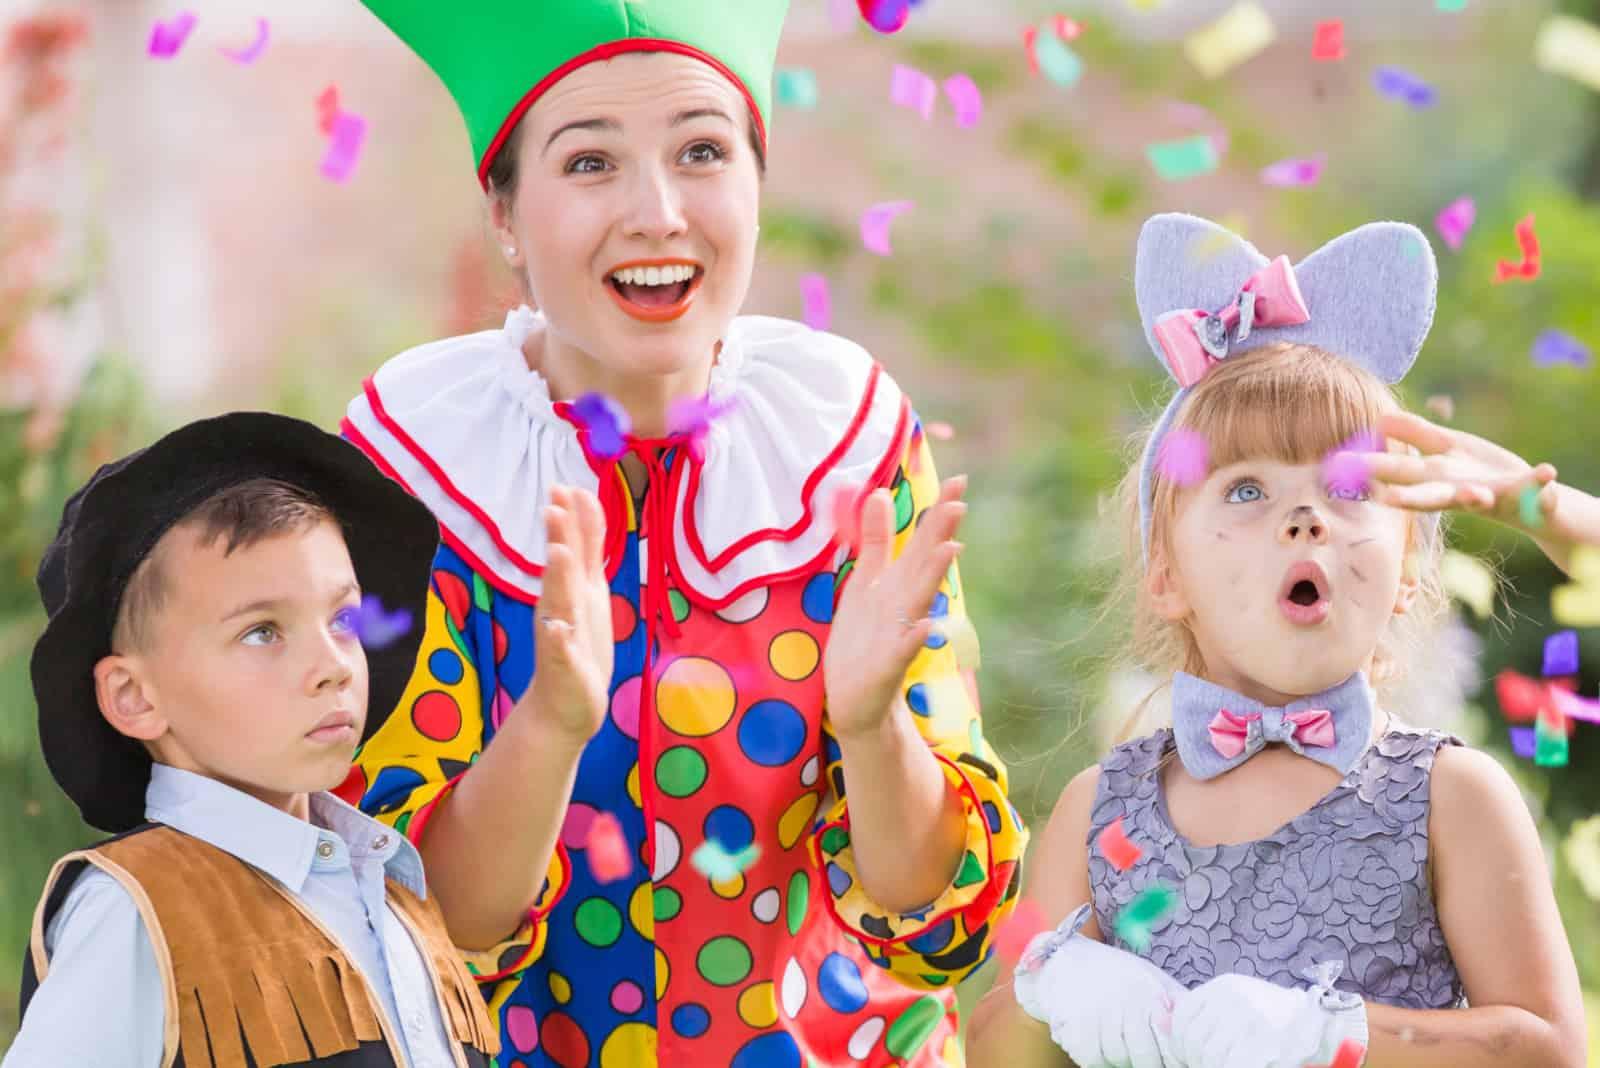 Eine Person in einem Kostüm unterhält die Kinder